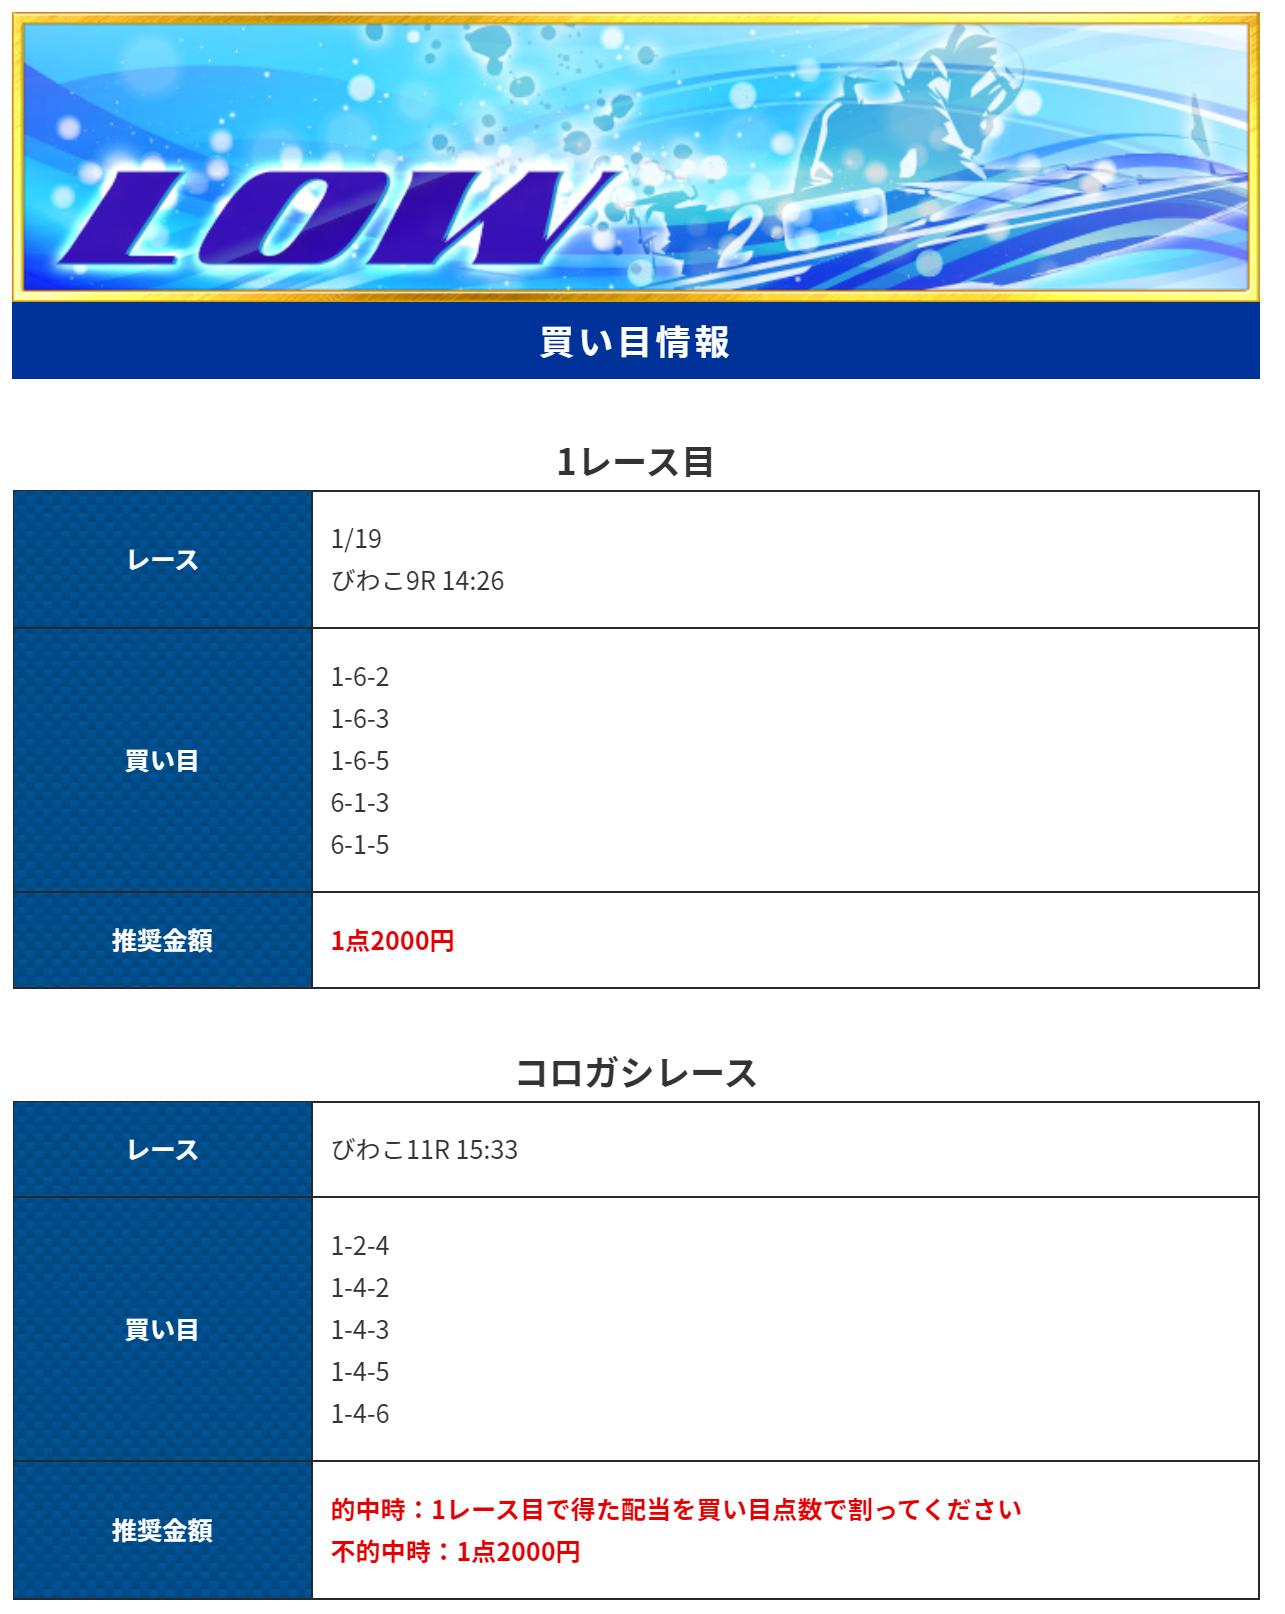 優良 競艇SPEED(競艇スピード)の有料プランLOW(ロウ)2020年1月19日買い目 競艇予想サイトの口コミ検証や無料情報の予想結果も公開中